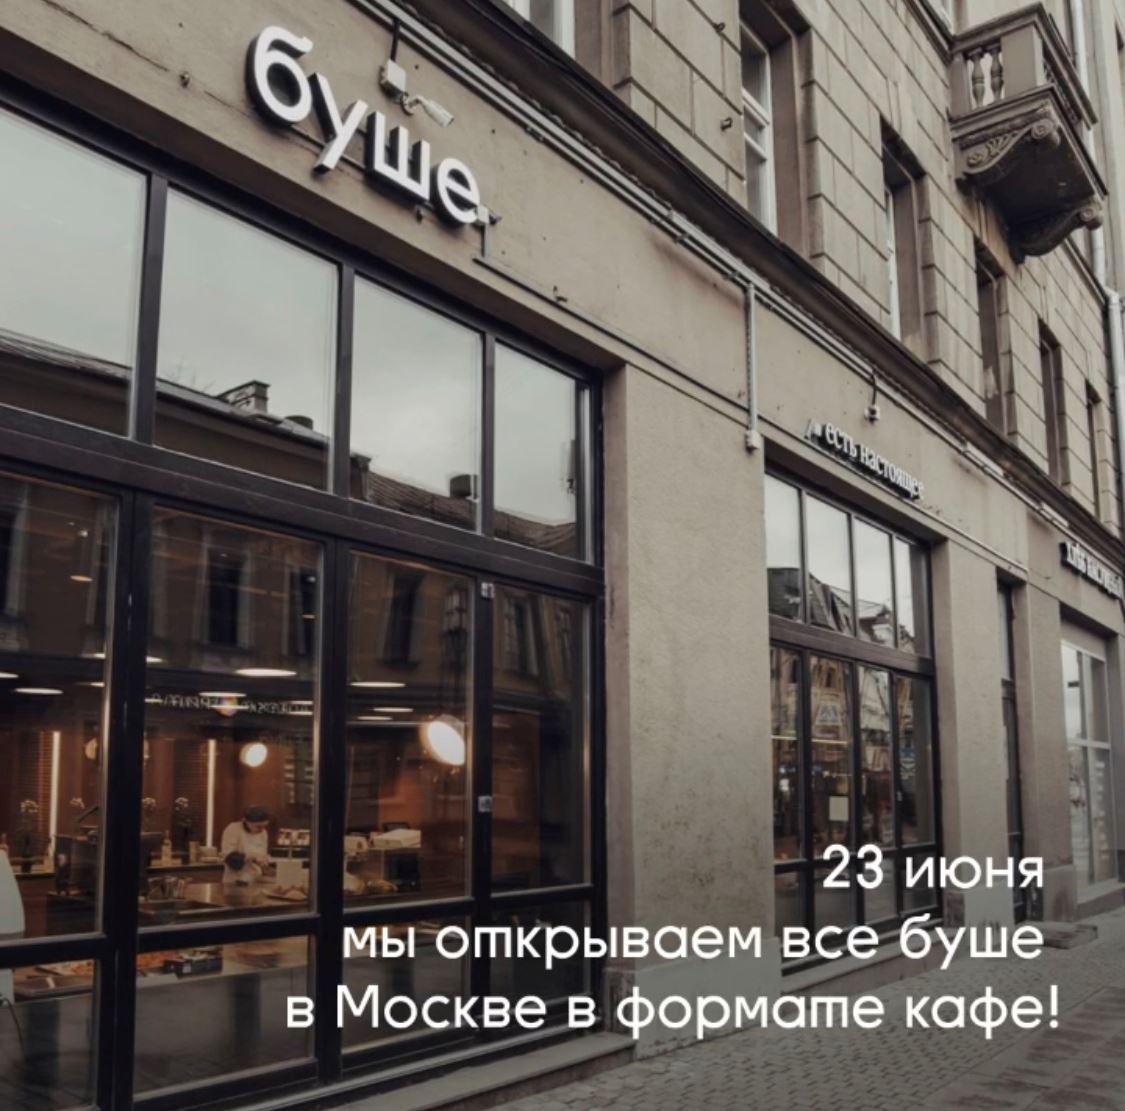 23 июня мы открываем все двери буше в Москве!